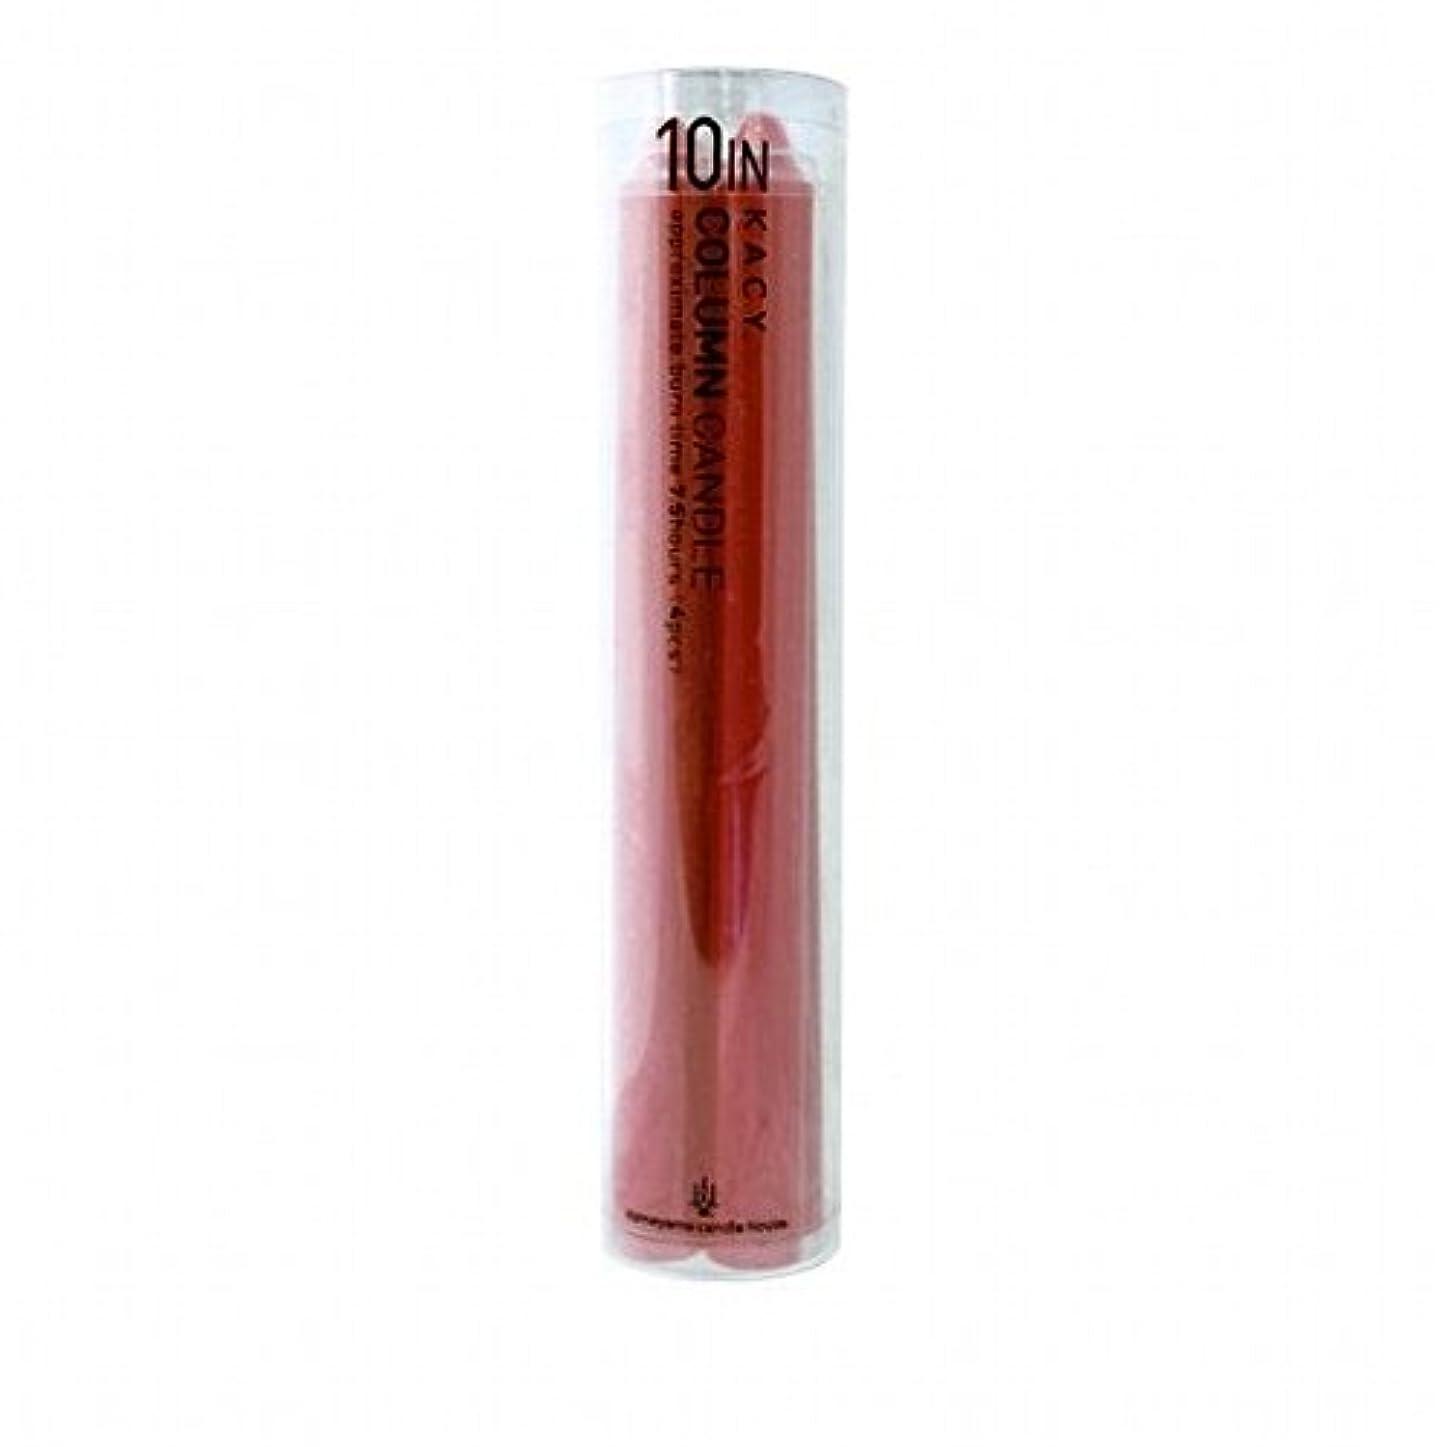 kameyama candle(カメヤマキャンドル) 10インチコラムキャンドル4本入り 「 レッド 」(A9123100R)